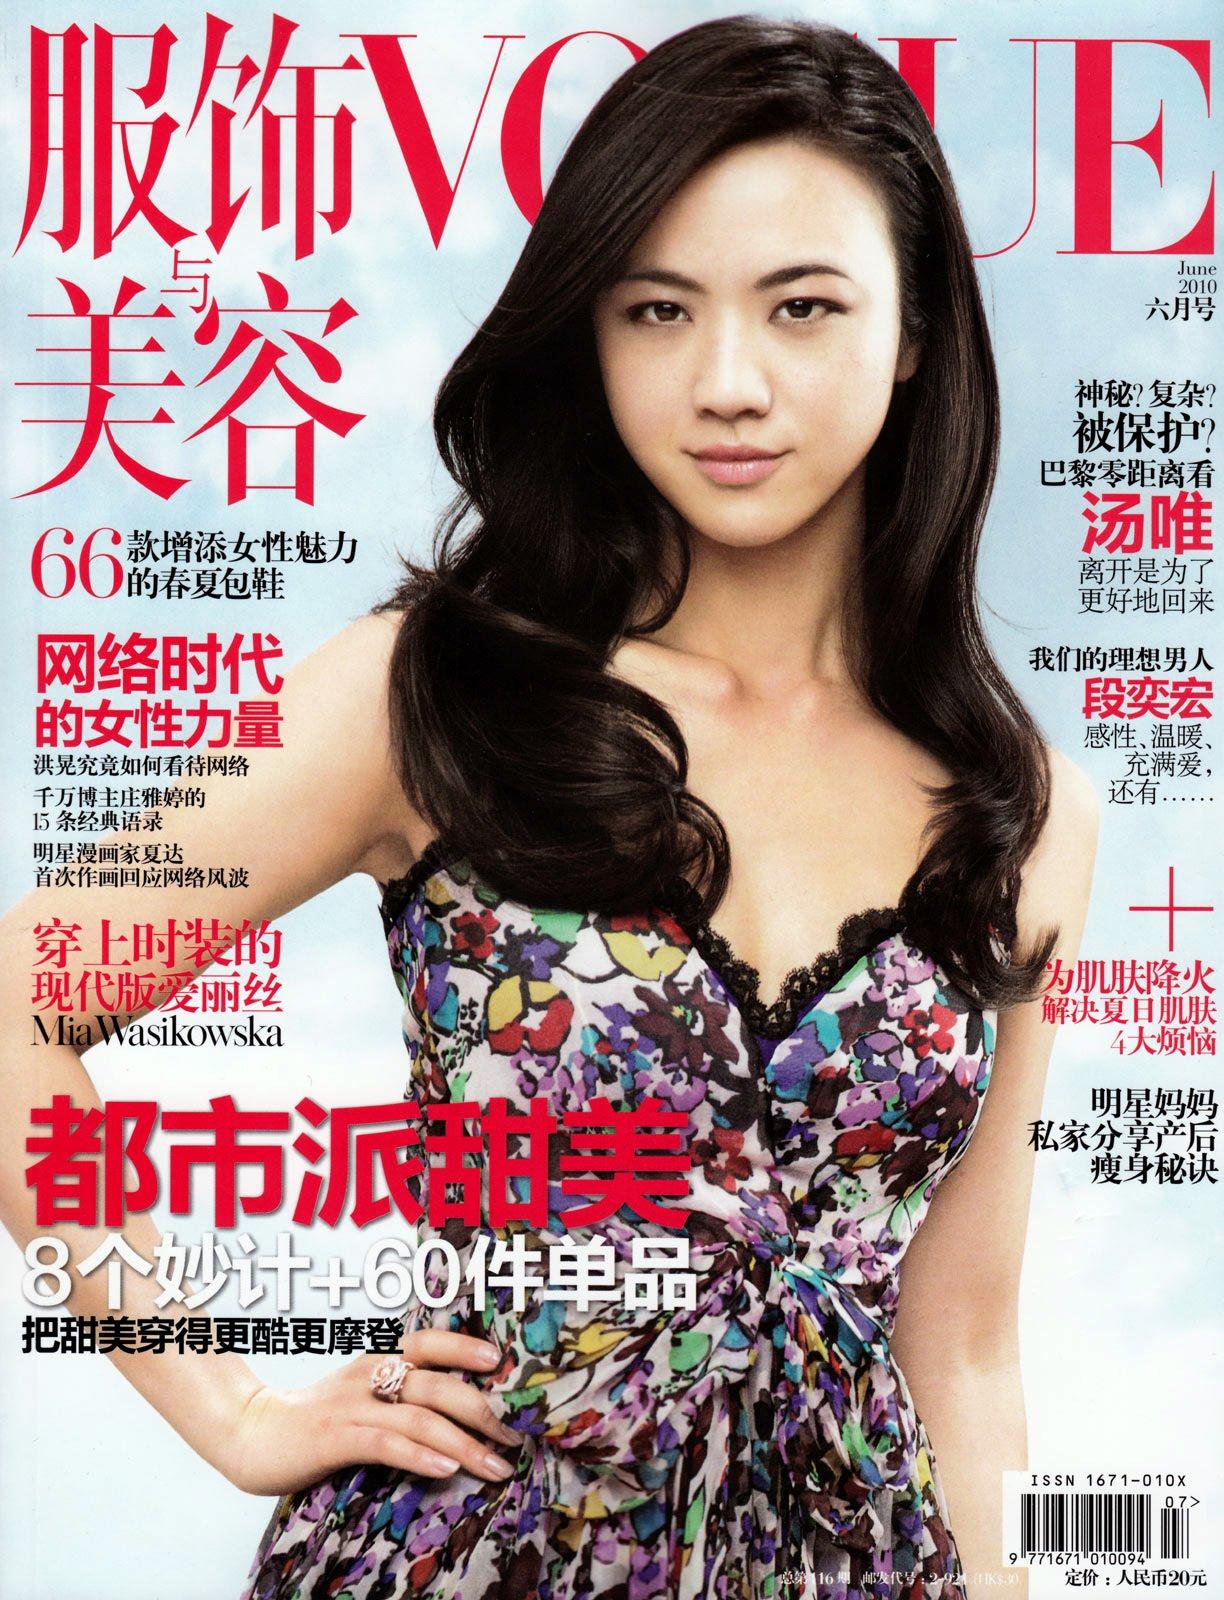 http://2.bp.blogspot.com/_FUYvMNTJrjU/TBgZPoqVhWI/AAAAAAAABJA/xX9TqdKqsQk/s1600/Tang+Wei+Vogue+CHina.jpg